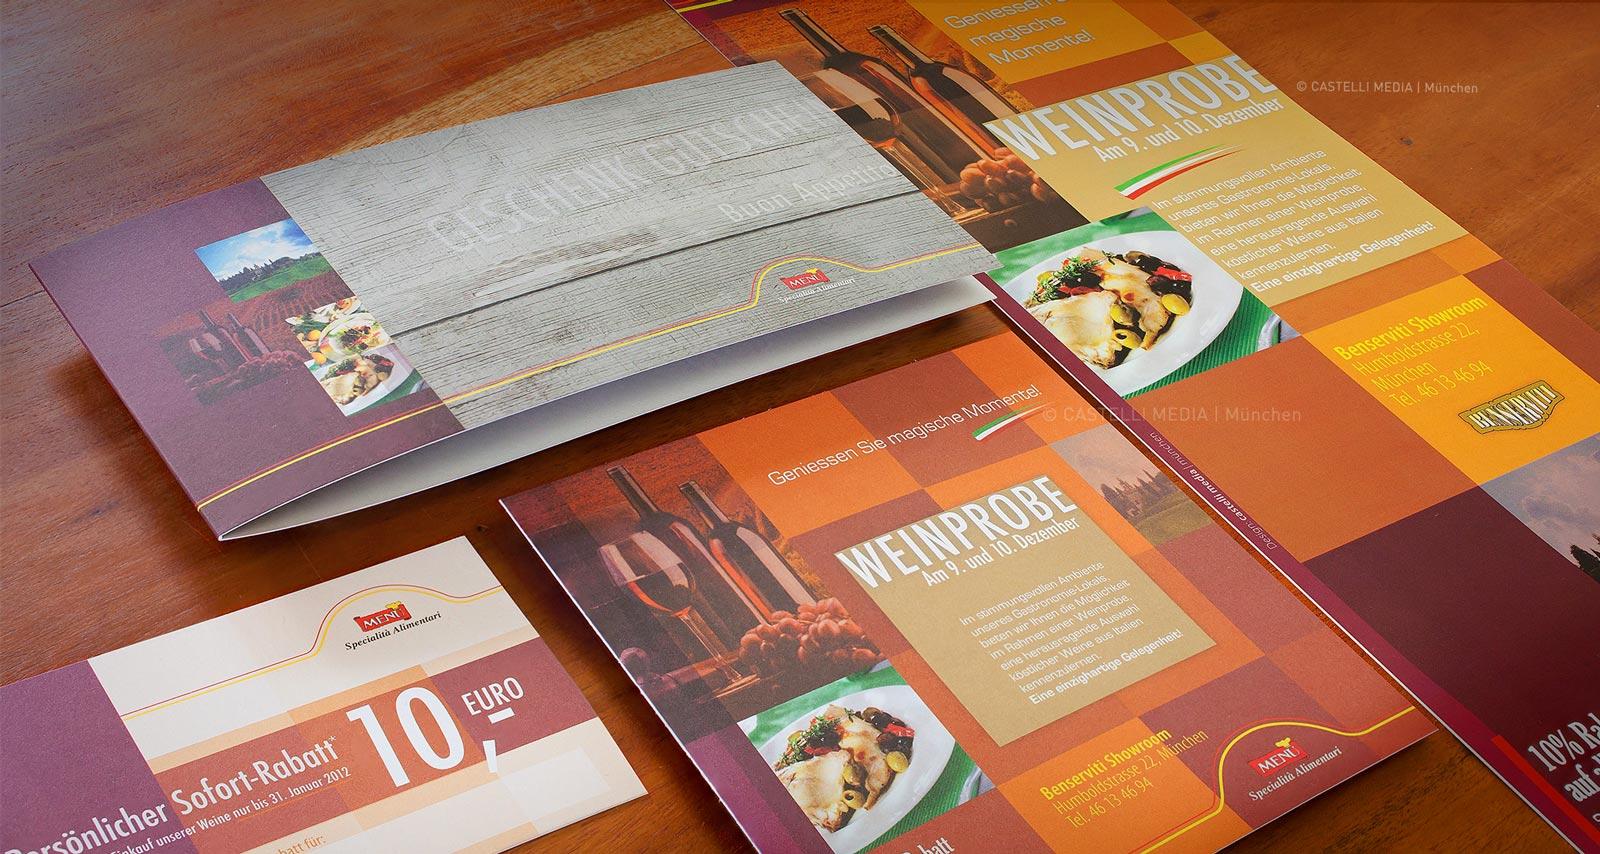 Broschuere, Rabattcoupon, Gutscheinkarte und Plakatdesing für Gastronomie und Restaurant